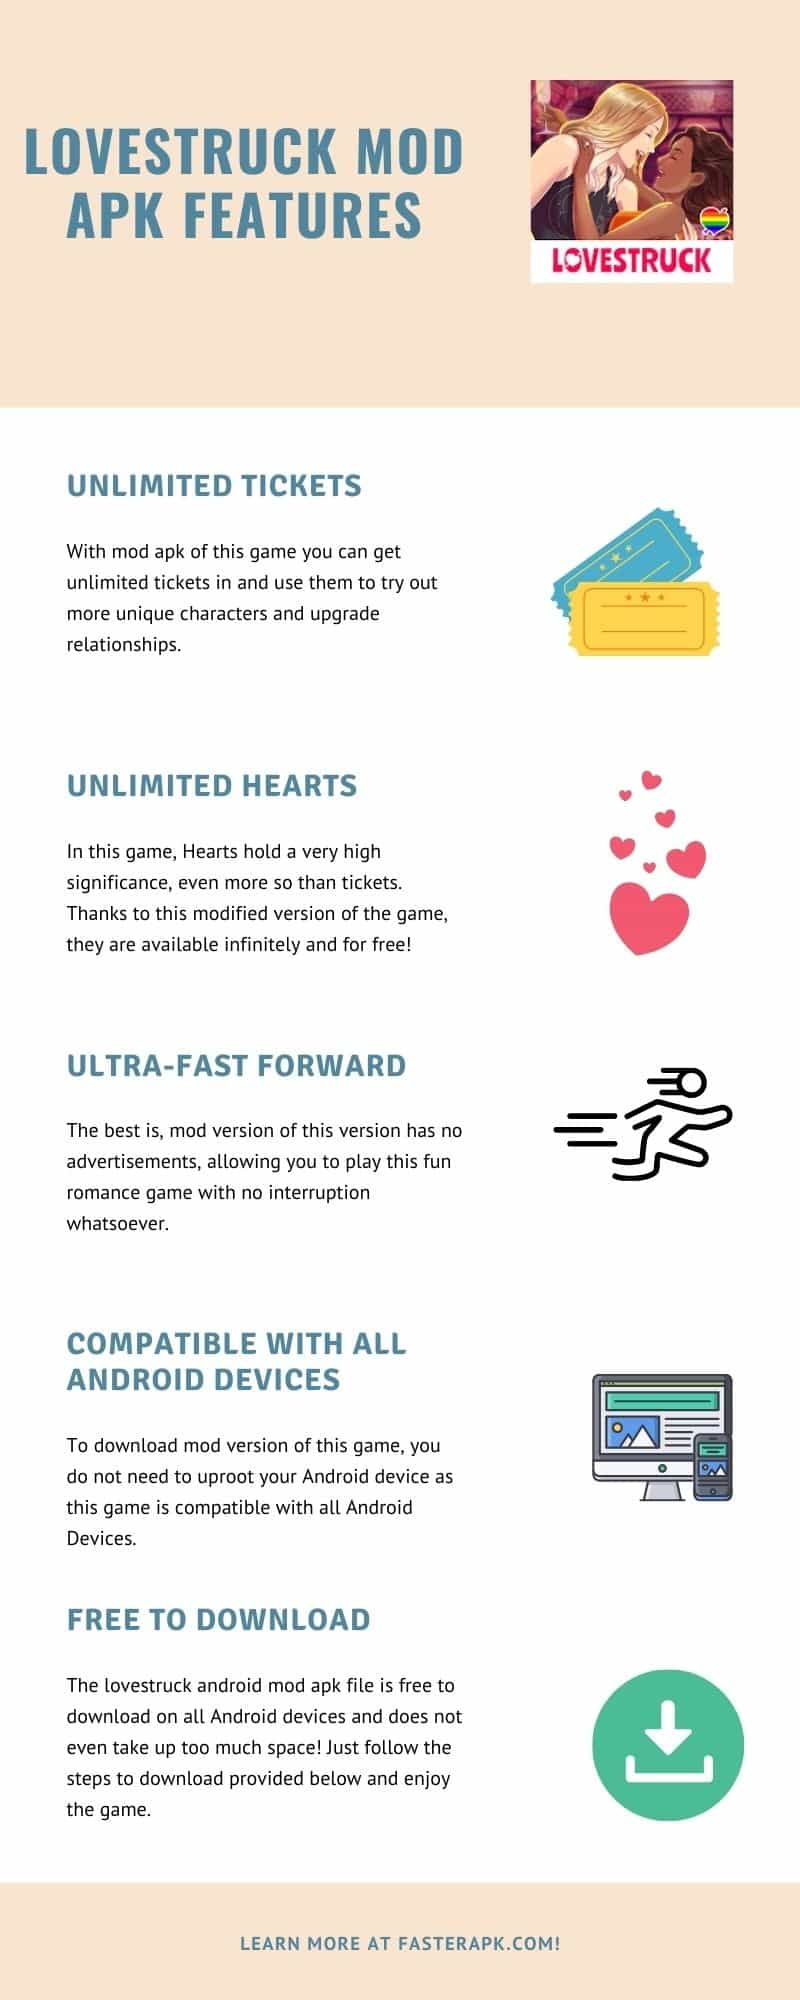 Lovestruck Mod APK Features